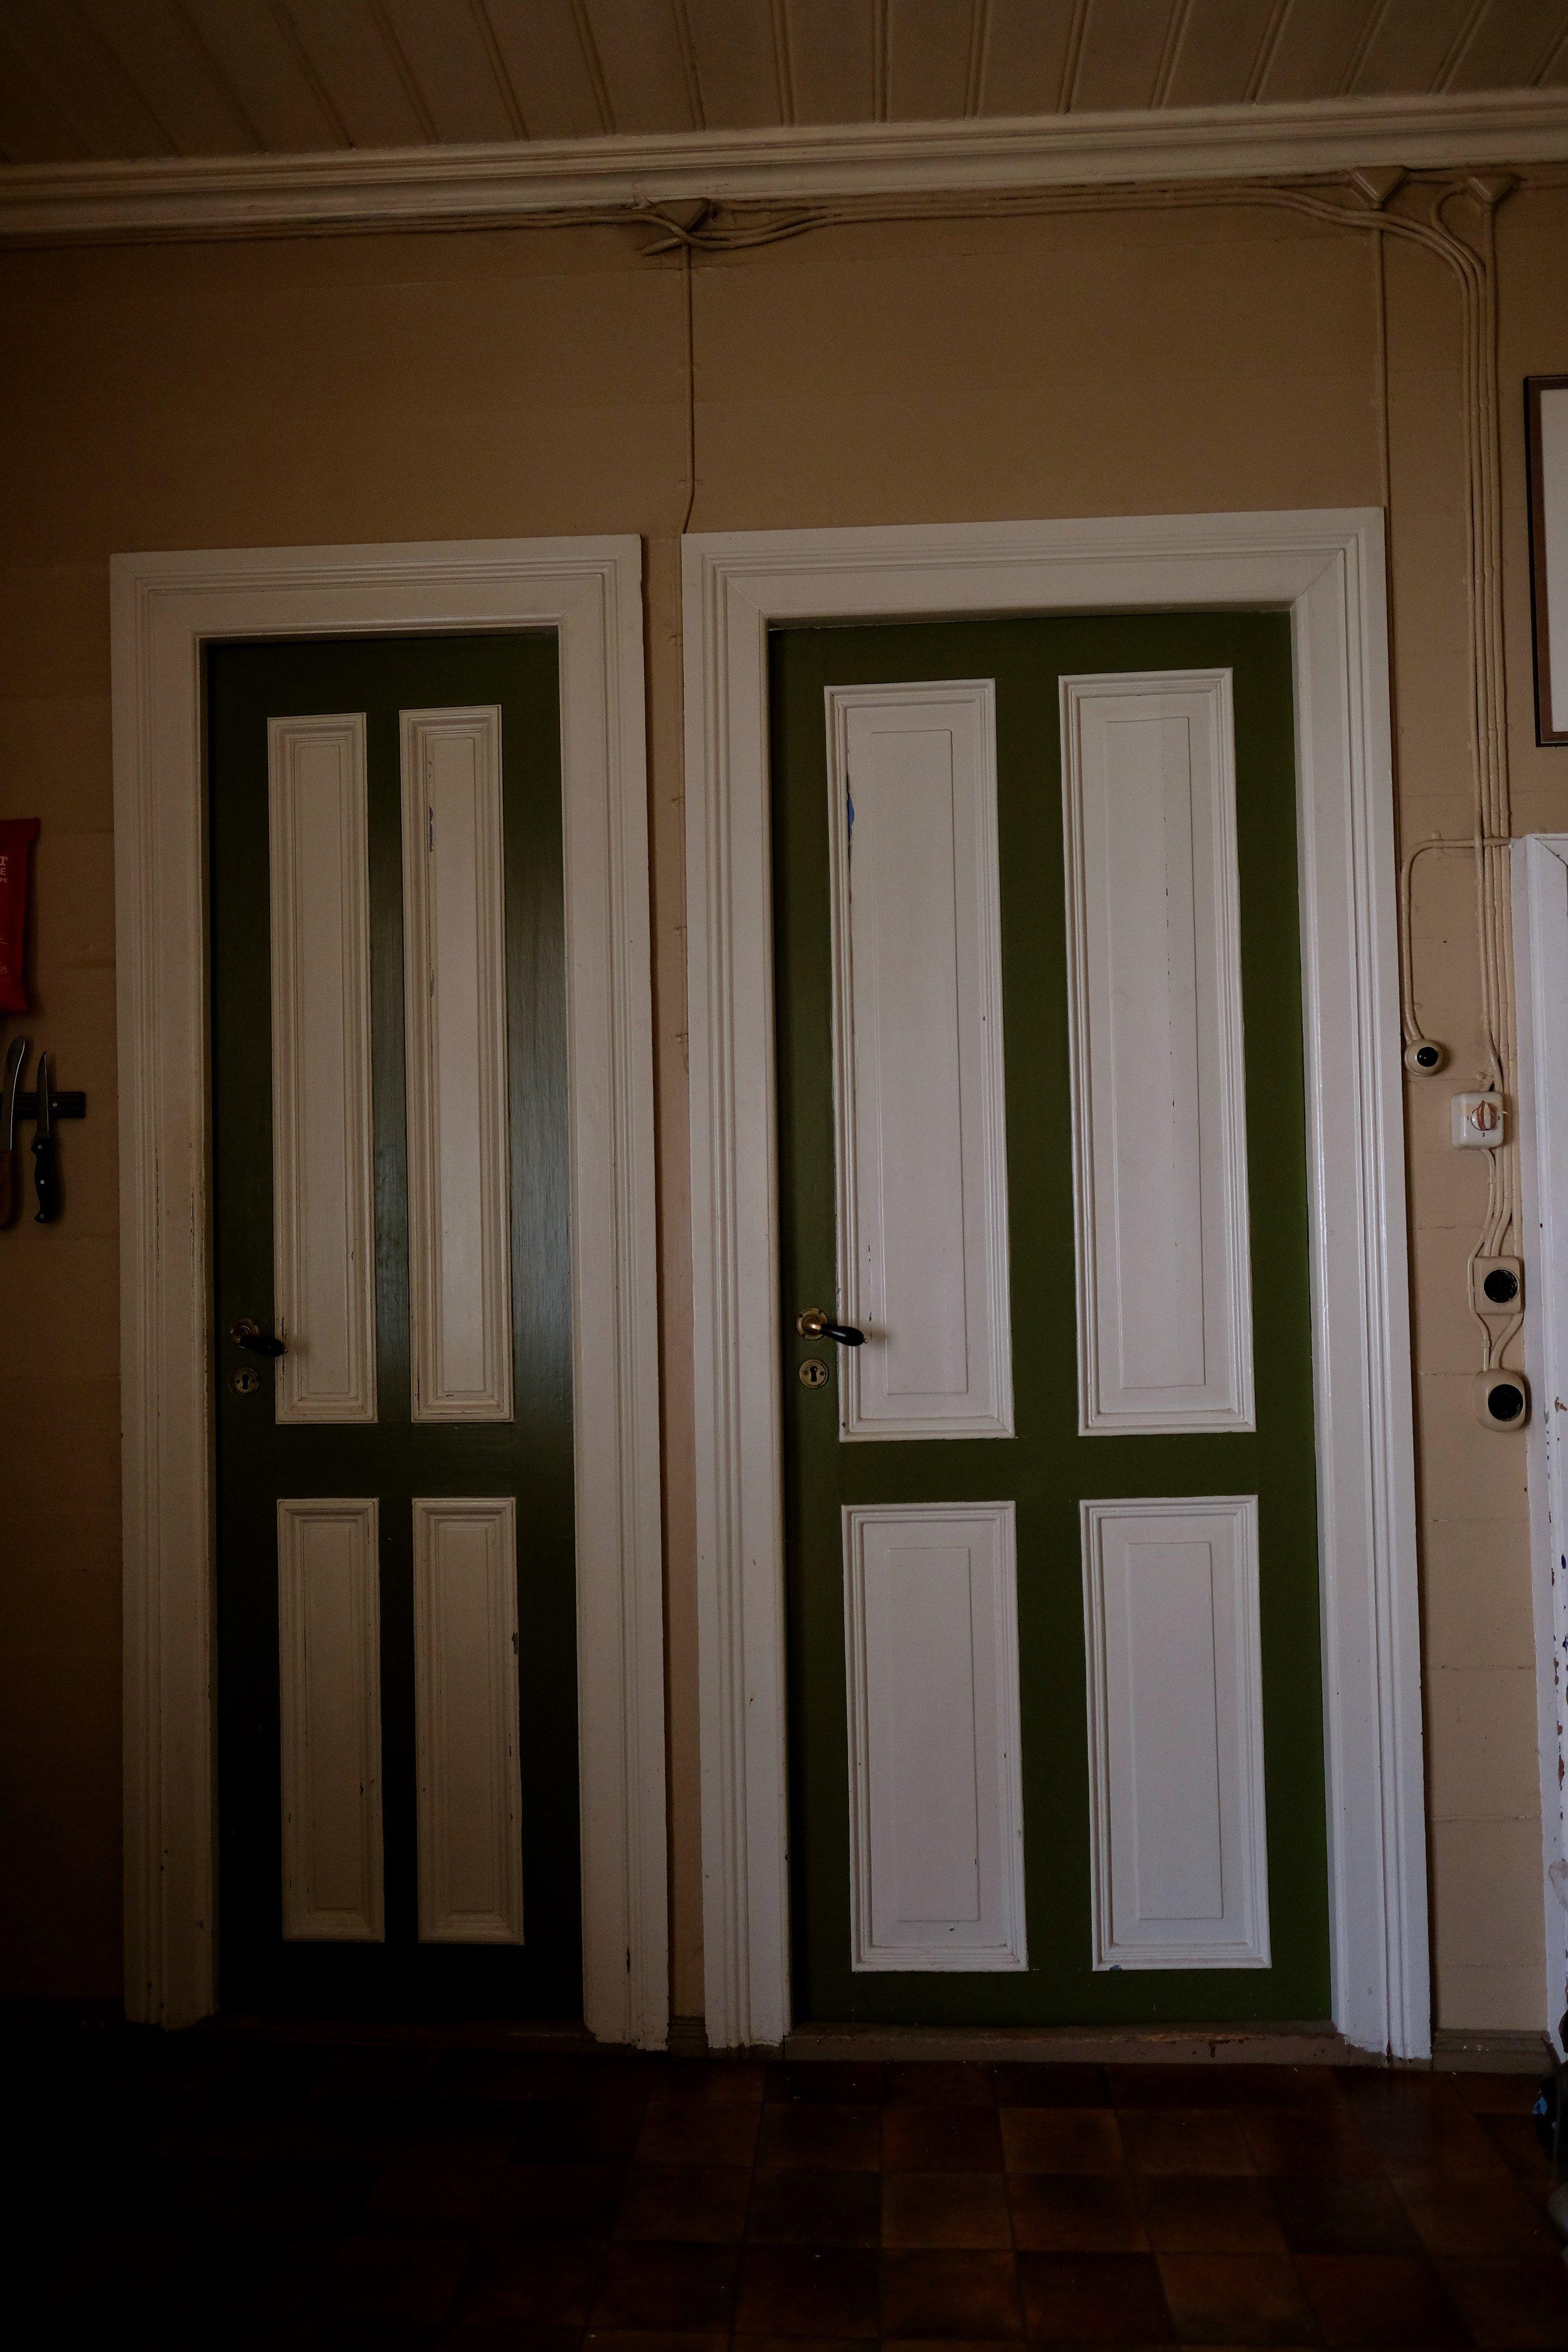 Ei stor og ei lita dør. Døra inn til venstre er til matkammerset, døra til høgre er inn til det blå rommet. Desse dørene er på kjøkenet der ein har heile 5 dører.